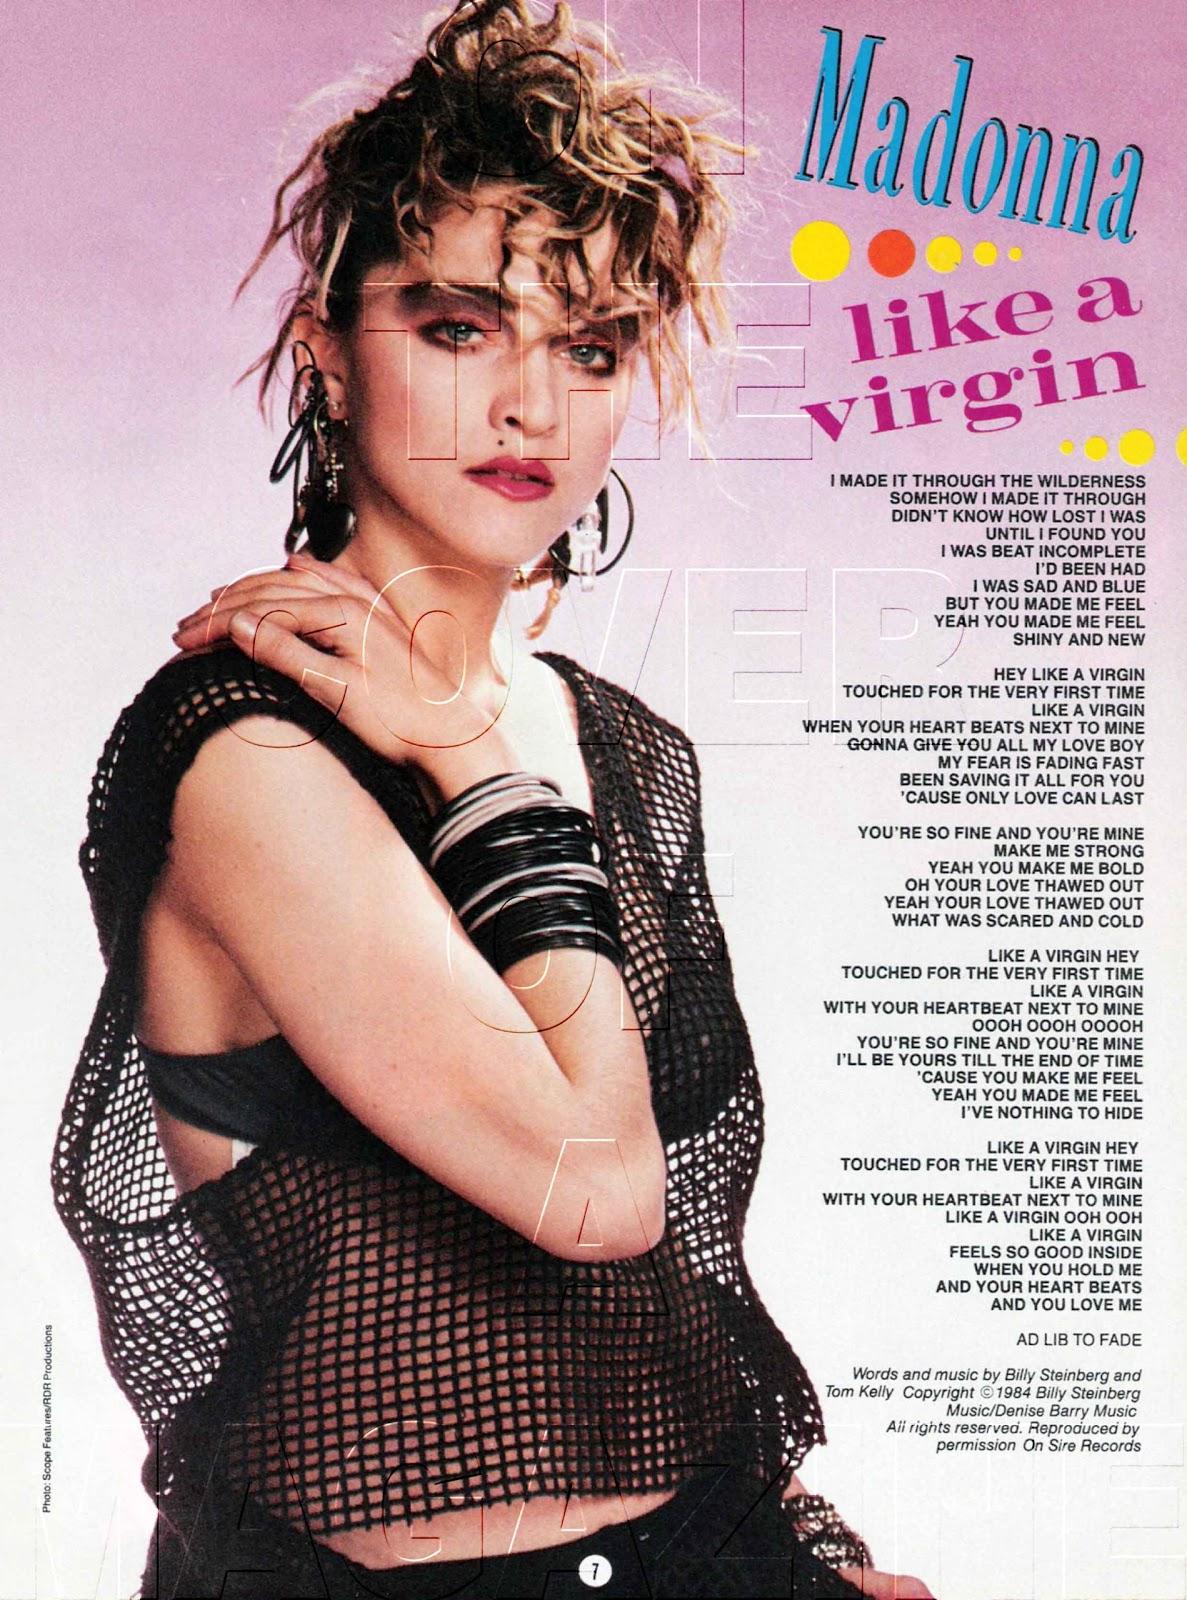 Madonna - Like A Virgin Lyrics